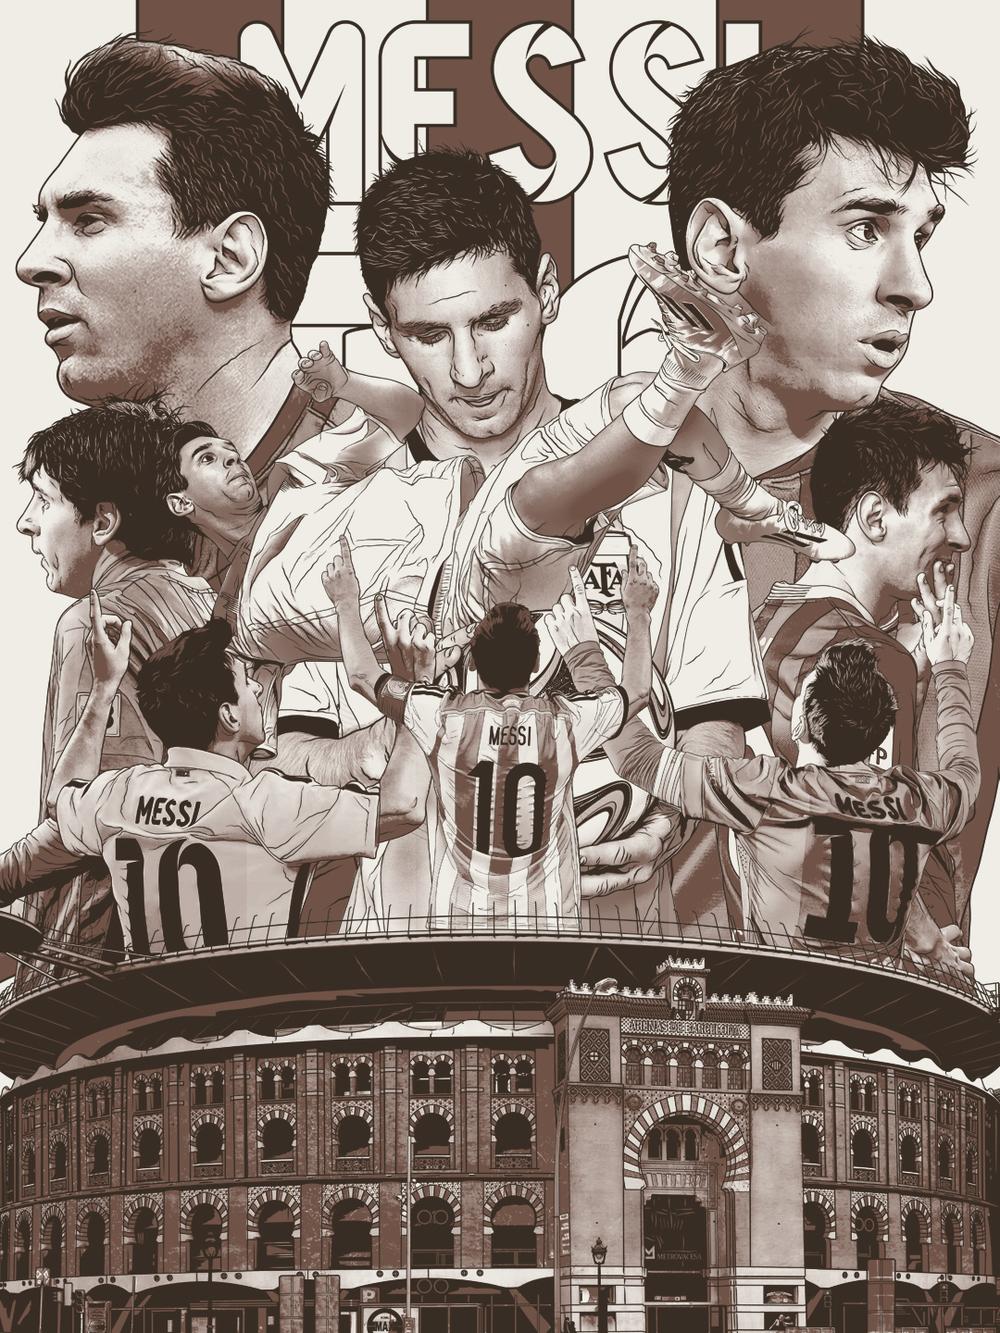 La-Casa-Que-Messi-Construyo-1-copy.jpg